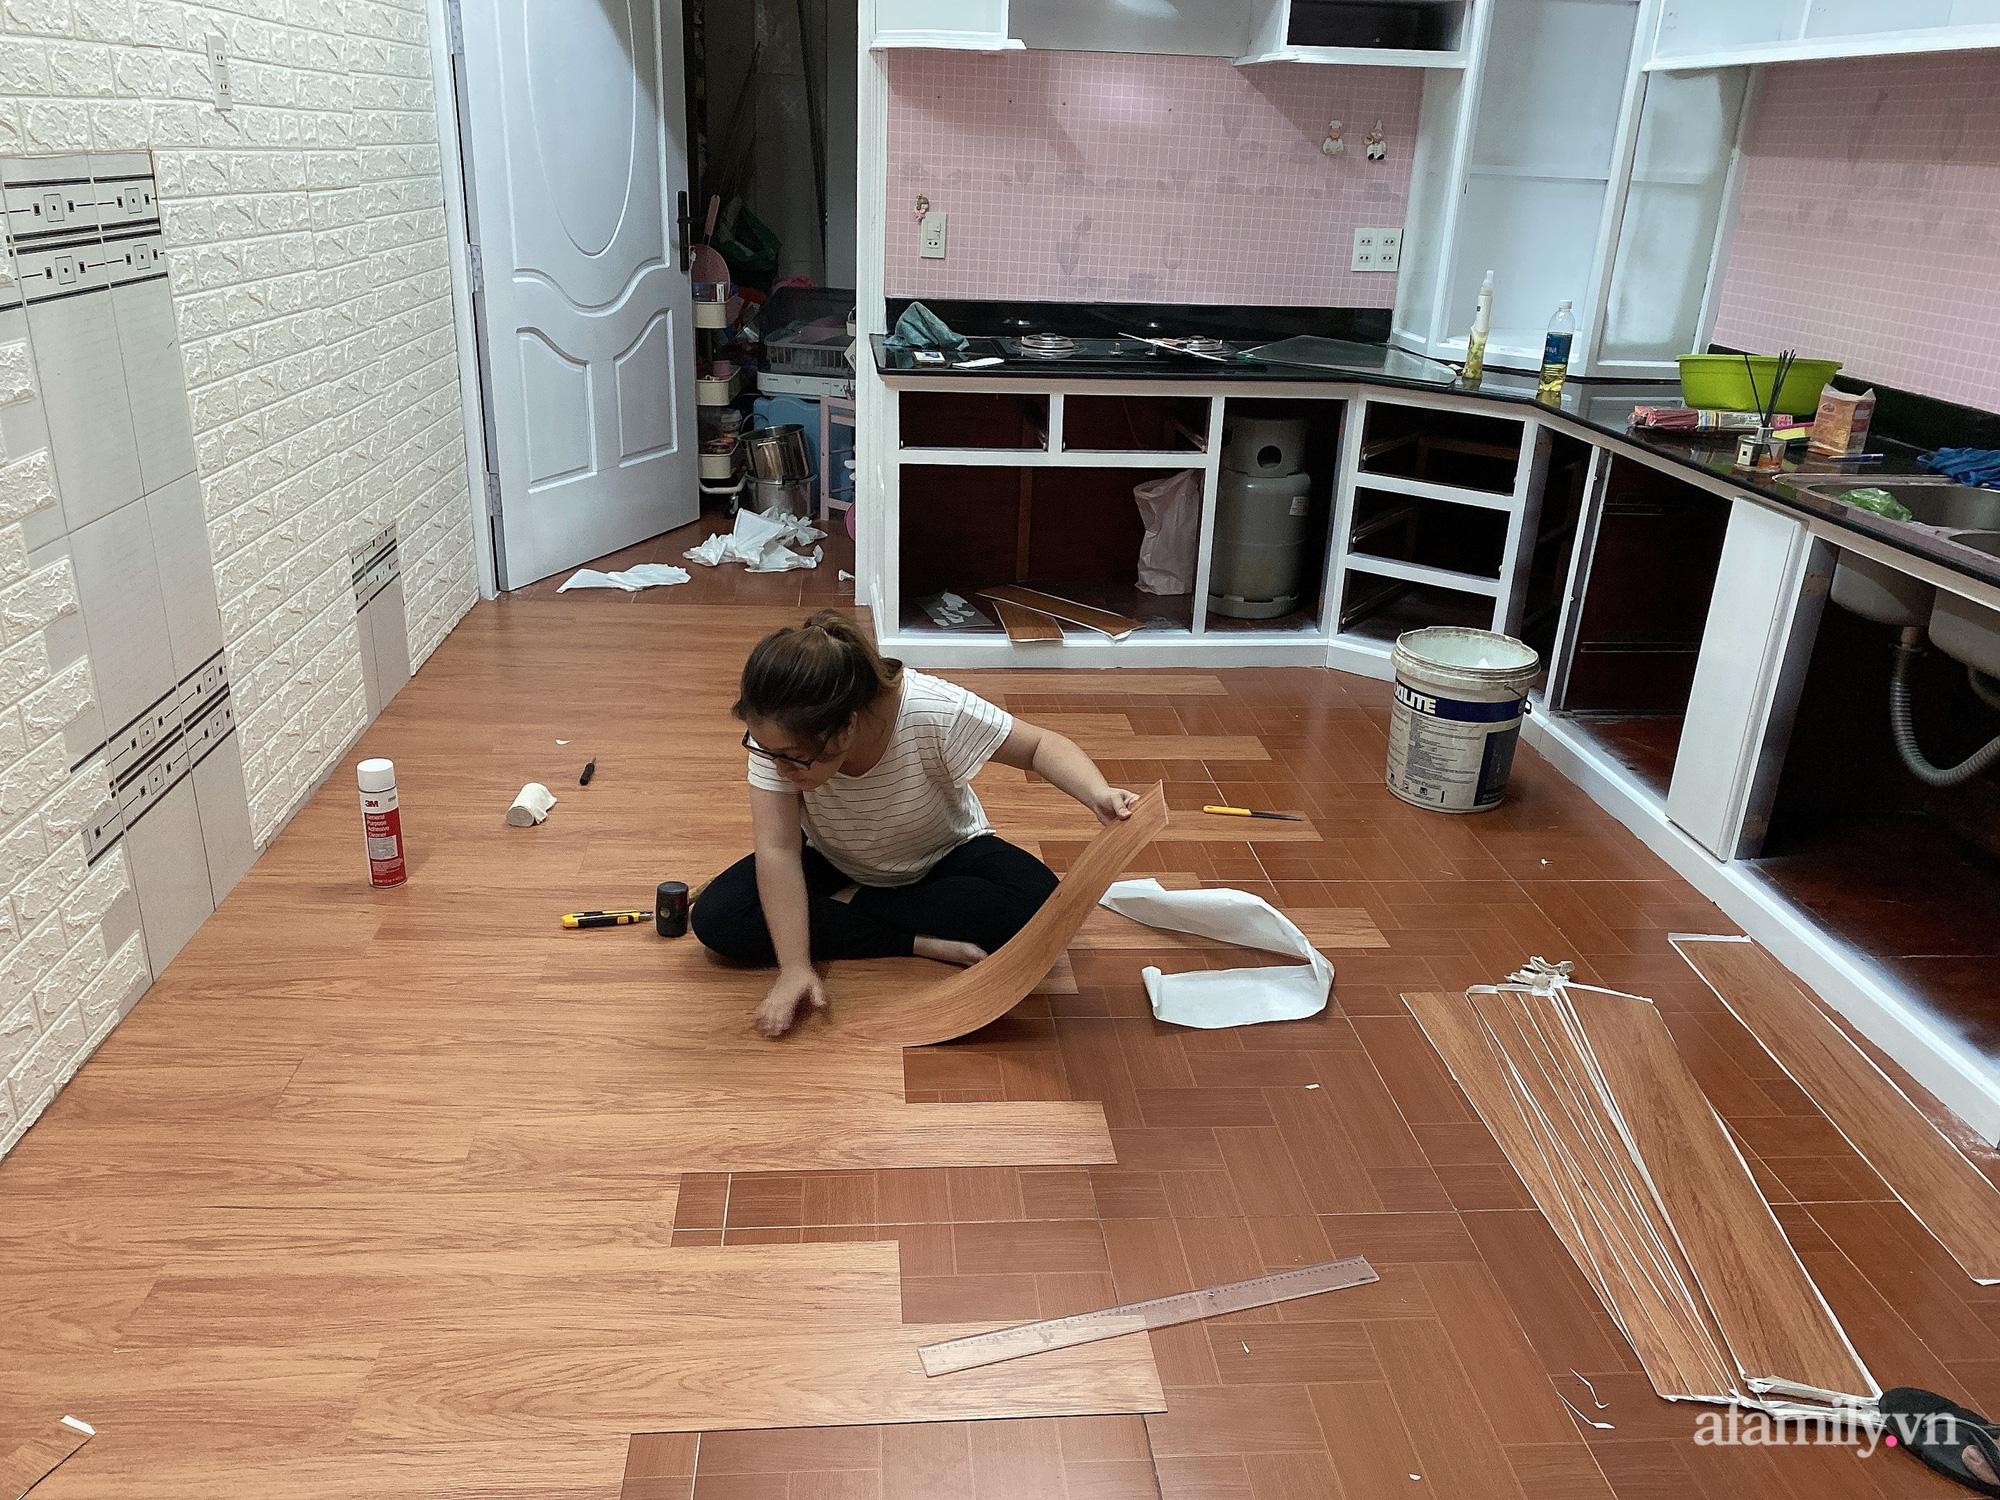 Mẹ trẻ Đà Lạt tự cải tạo căn bếp chật hẹp thành không gian tiện nghi với chi phí rẻ không ngờ - Ảnh 1.